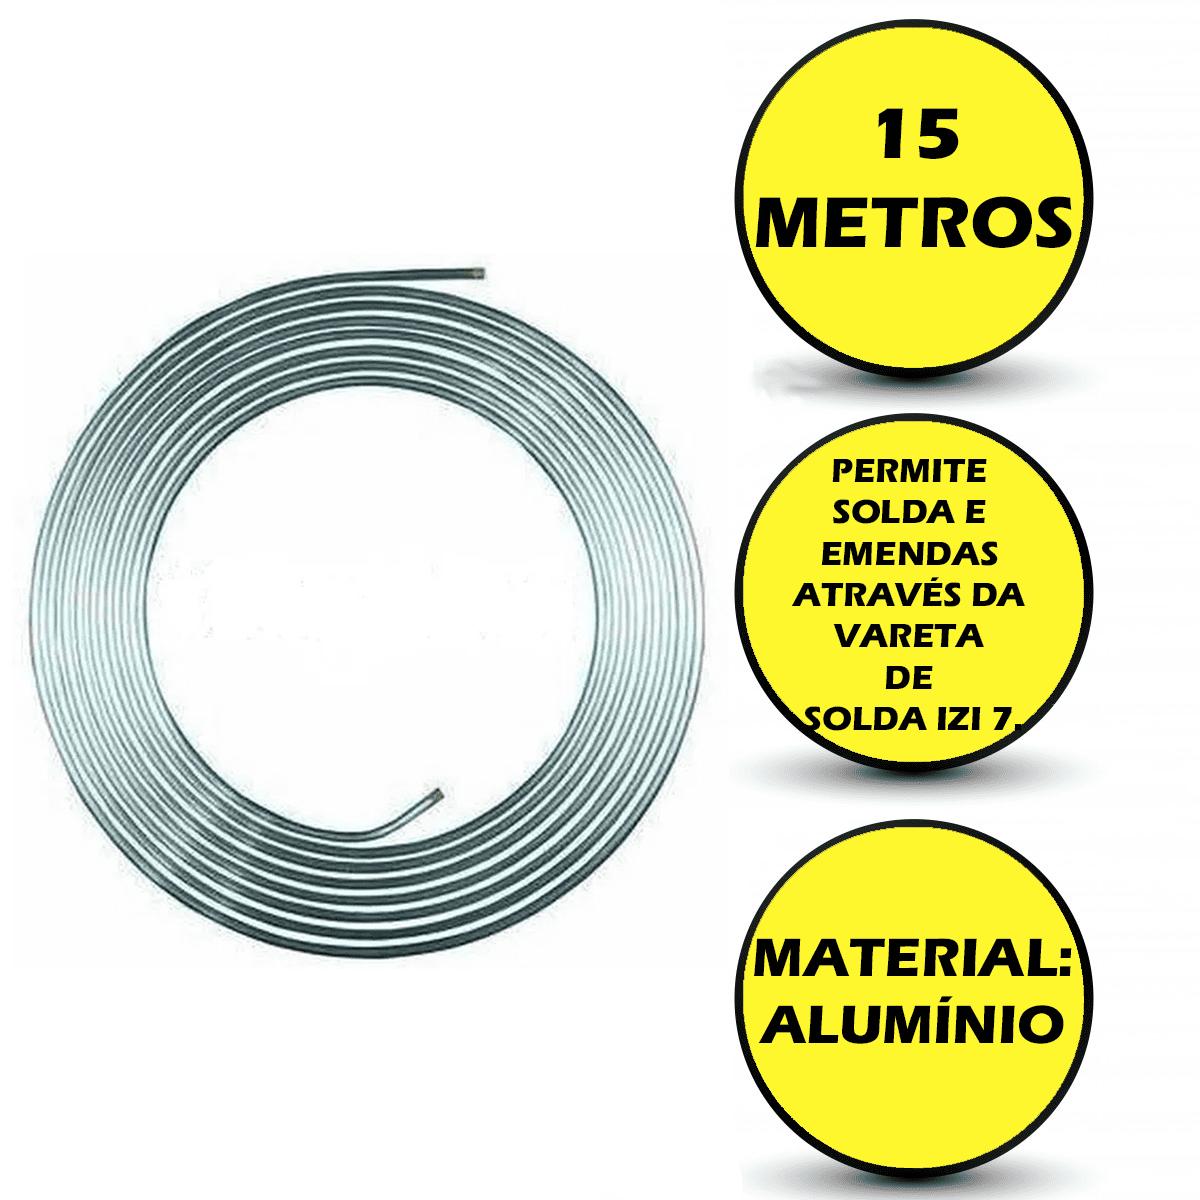 Serpentina Refrigeração Chopeira Cano Alumínio 15 Metros 3/8 Polegada   - Ambientude Agro e Pet